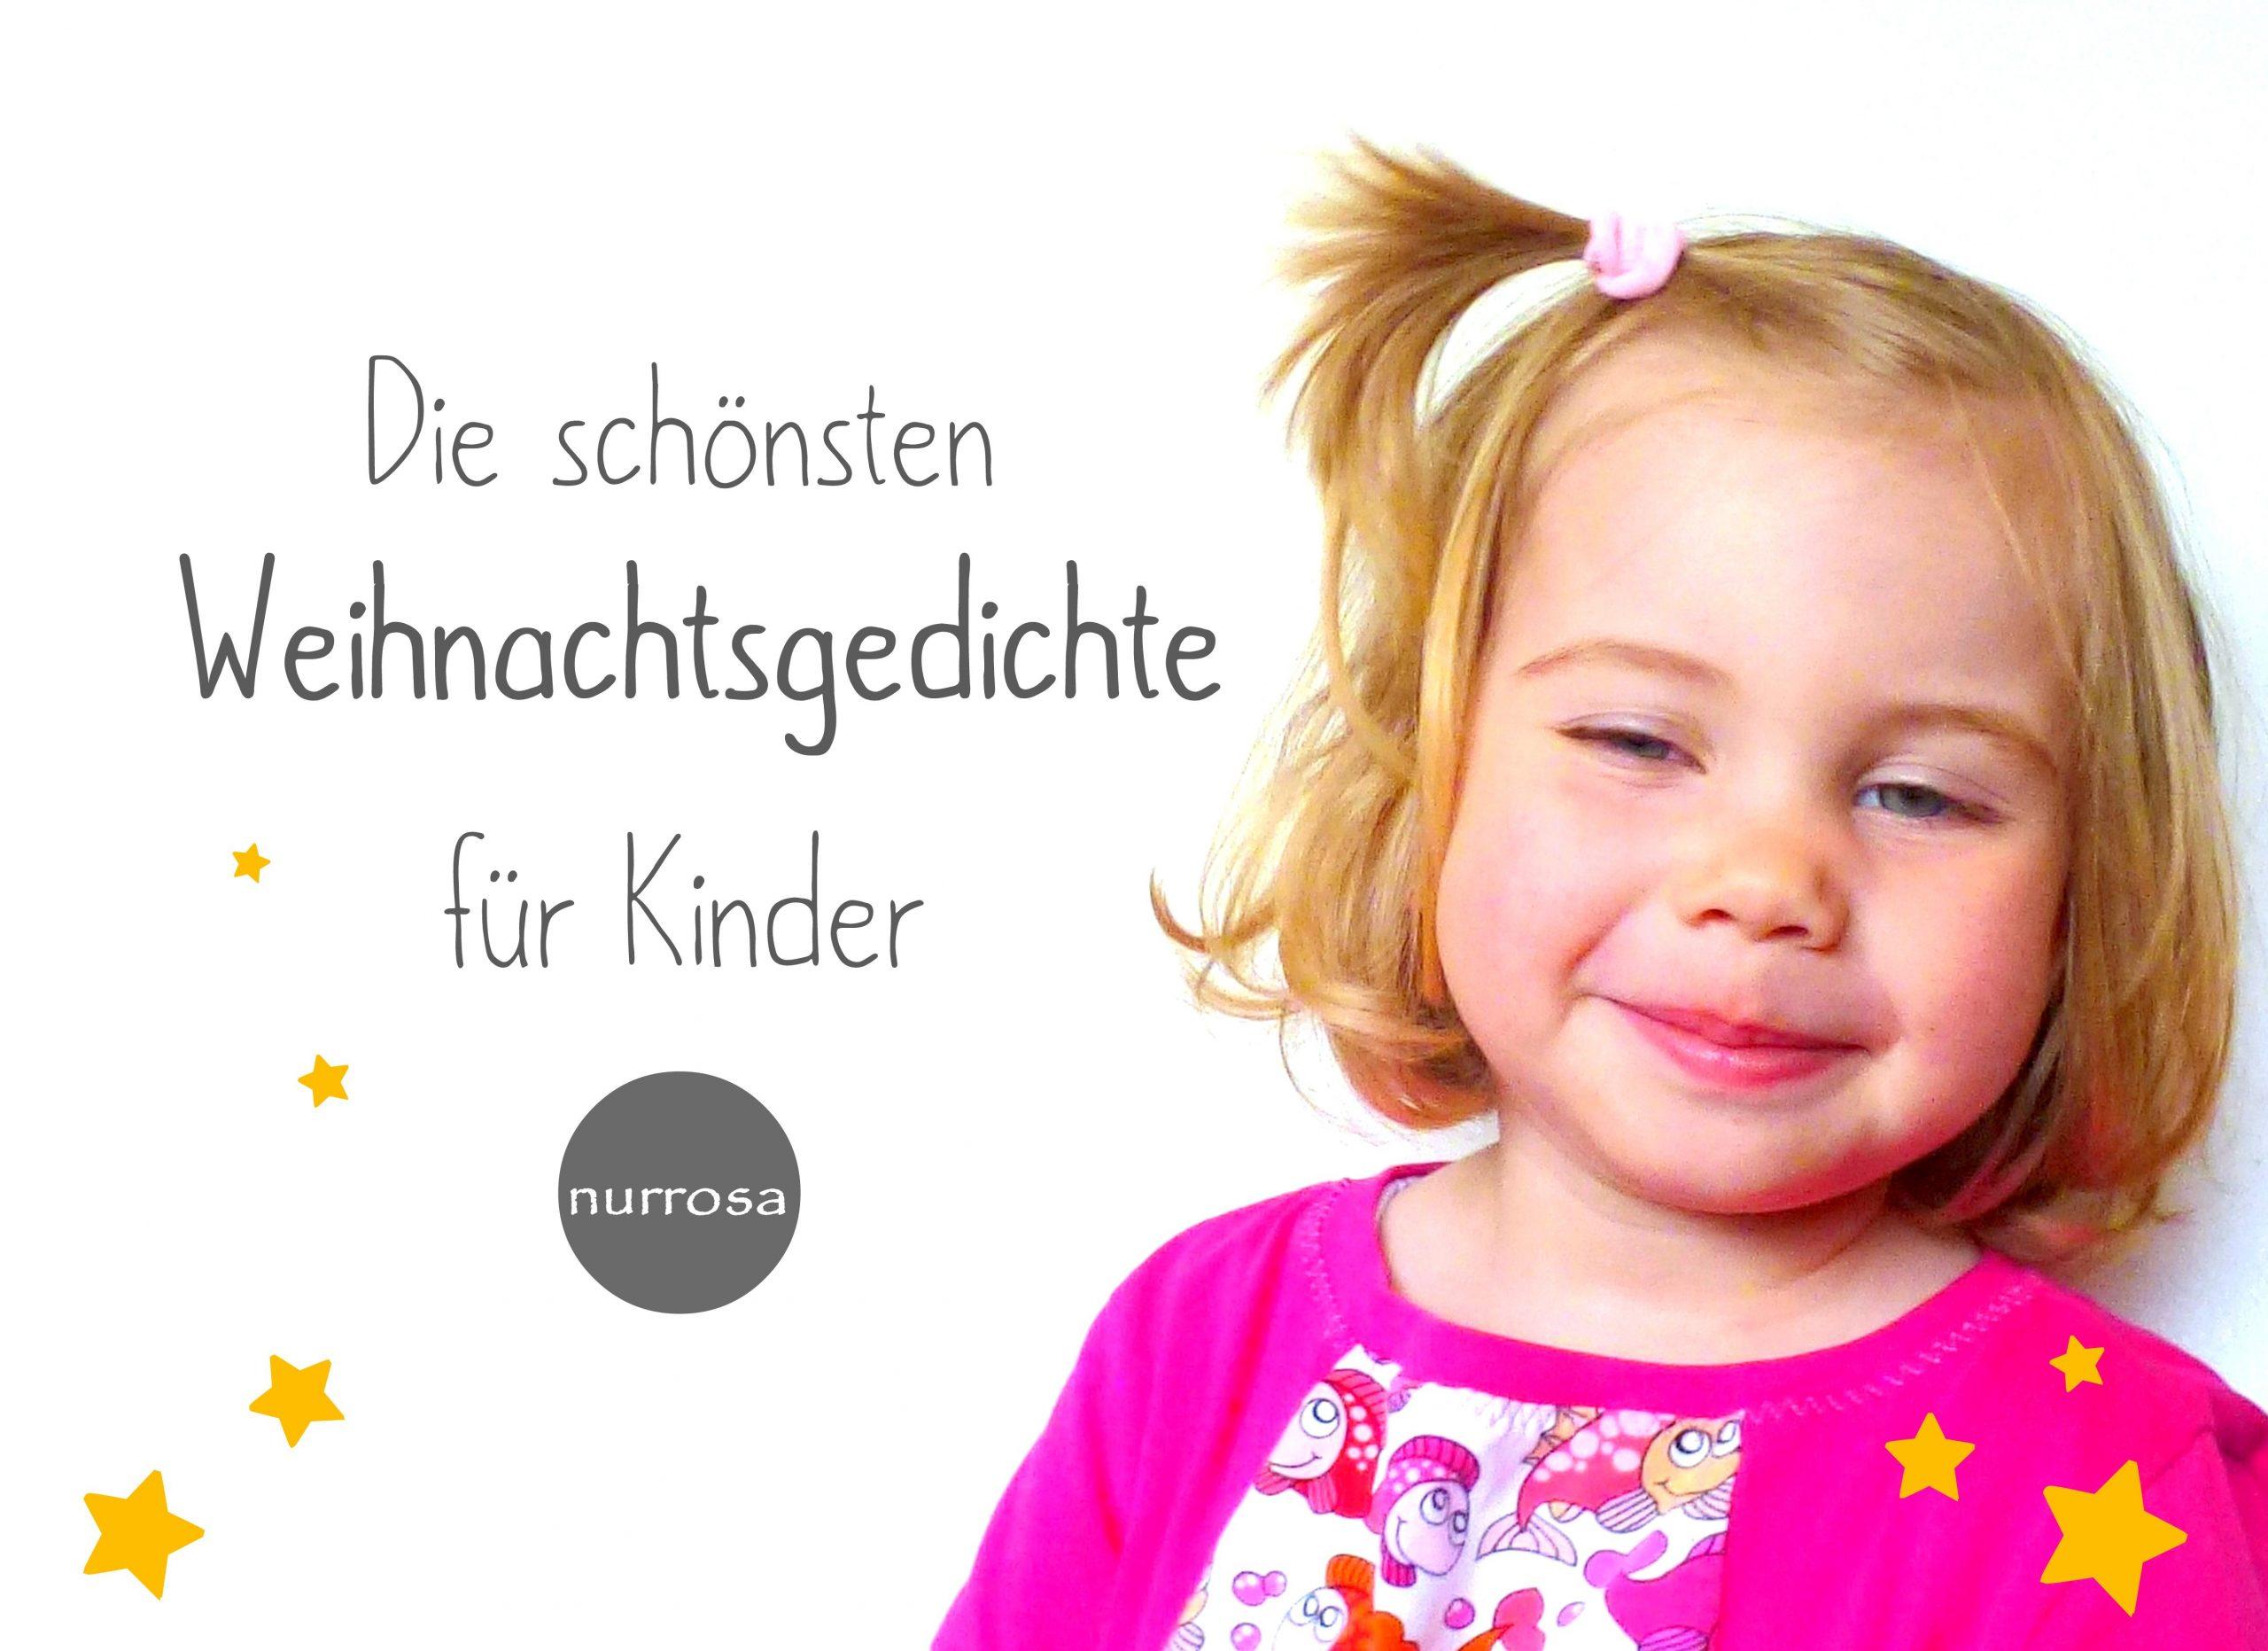 Die Schönsten Weihnachtsgedichte Für Kinder – Nurrosa bei Weihnachtsgedichte Für Kindergarten